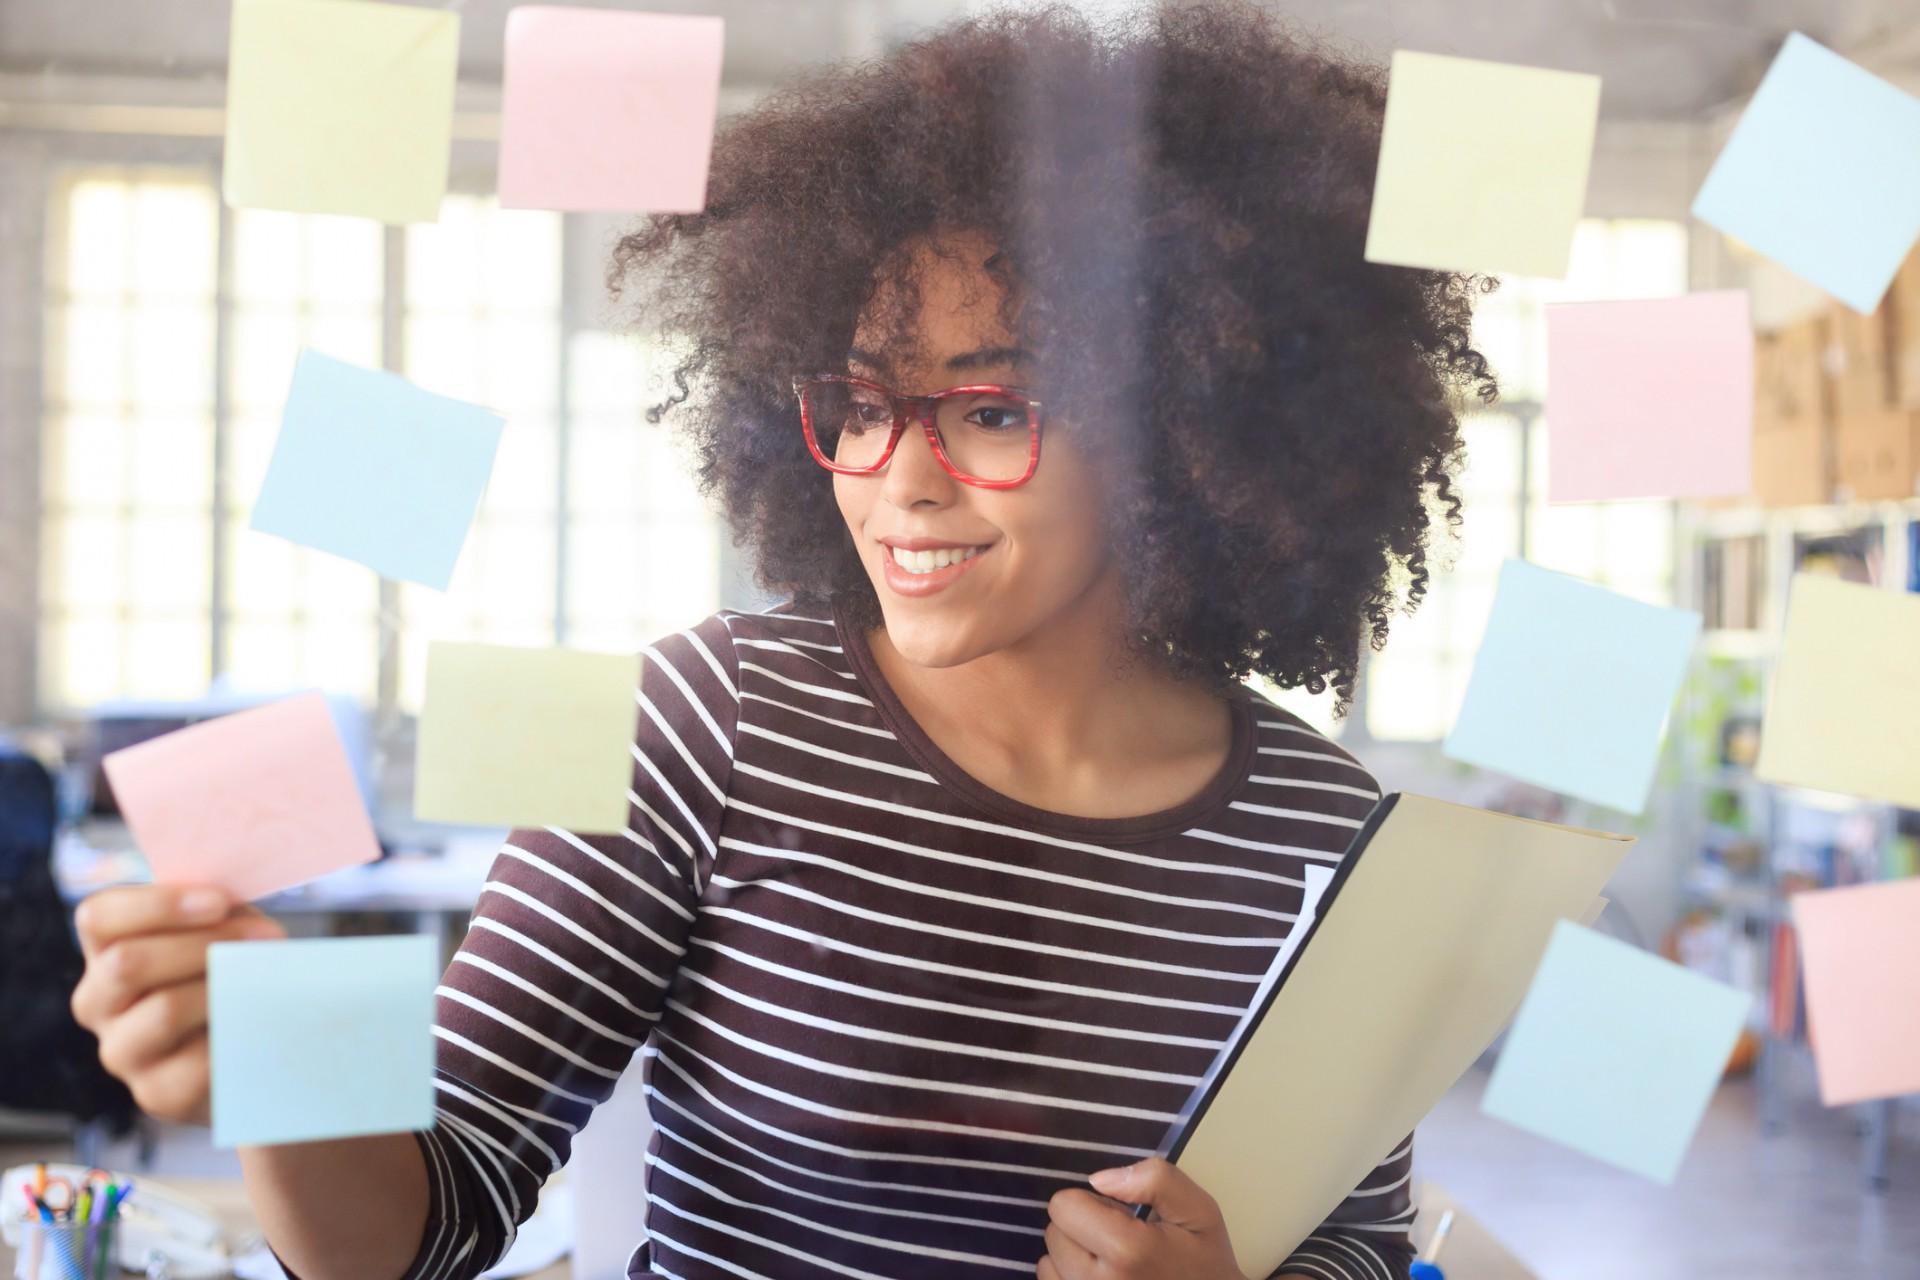 Empreender não é uma tarefa das mais fáceis, mas sistematizar o processo pode te ajudar a abrir seu próprio negócio